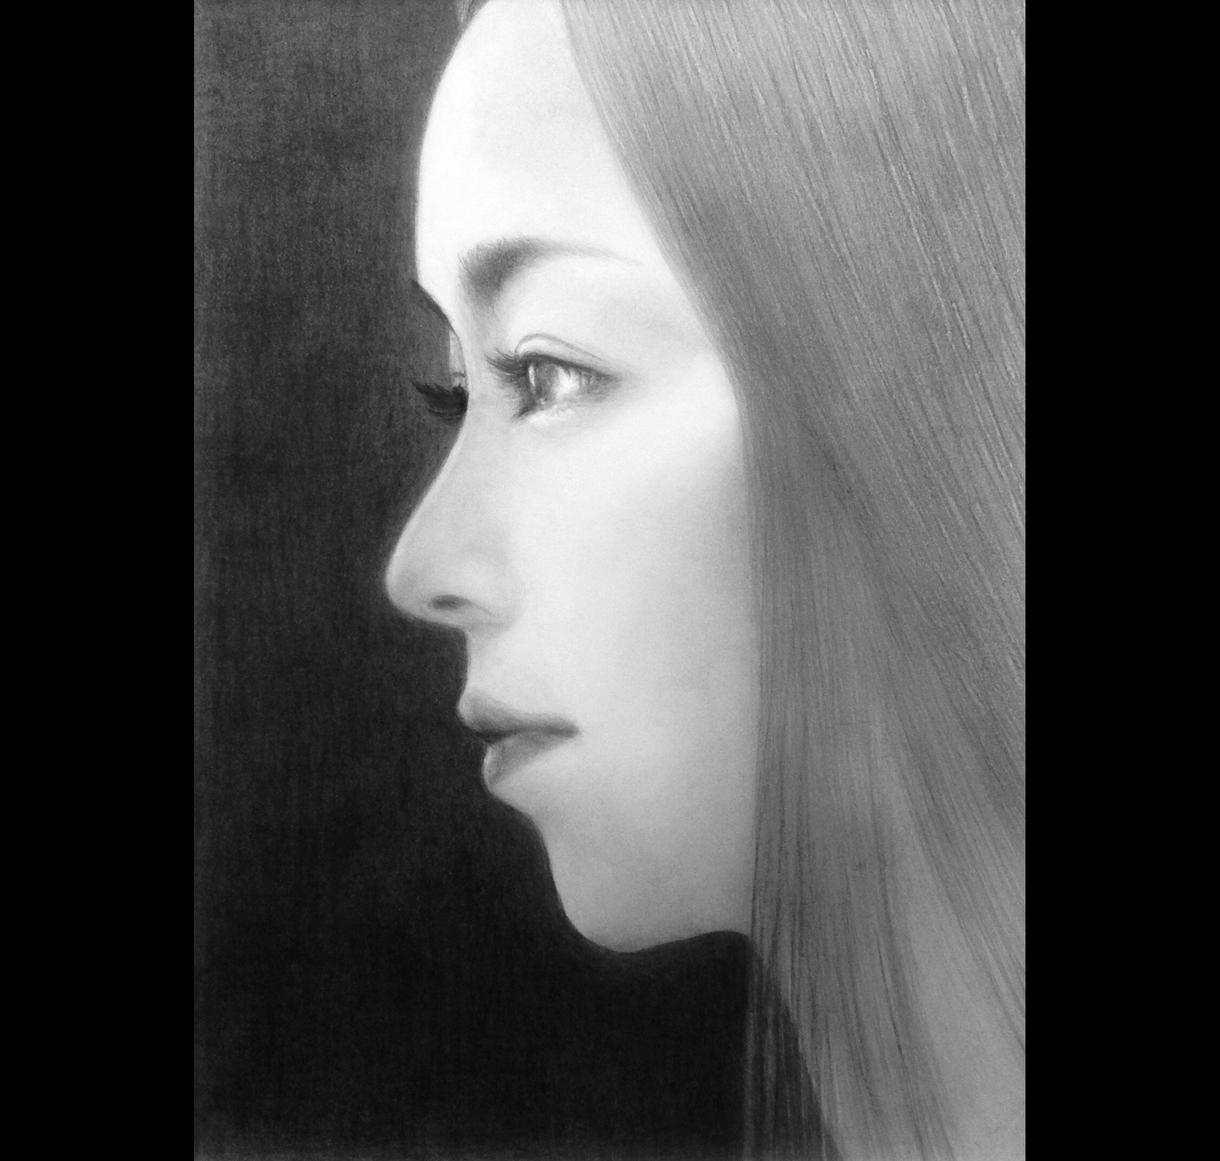 オーダーメイドで肖像画を描きます 写真から色鉛筆、鉛筆で似顔絵、イラストを製作